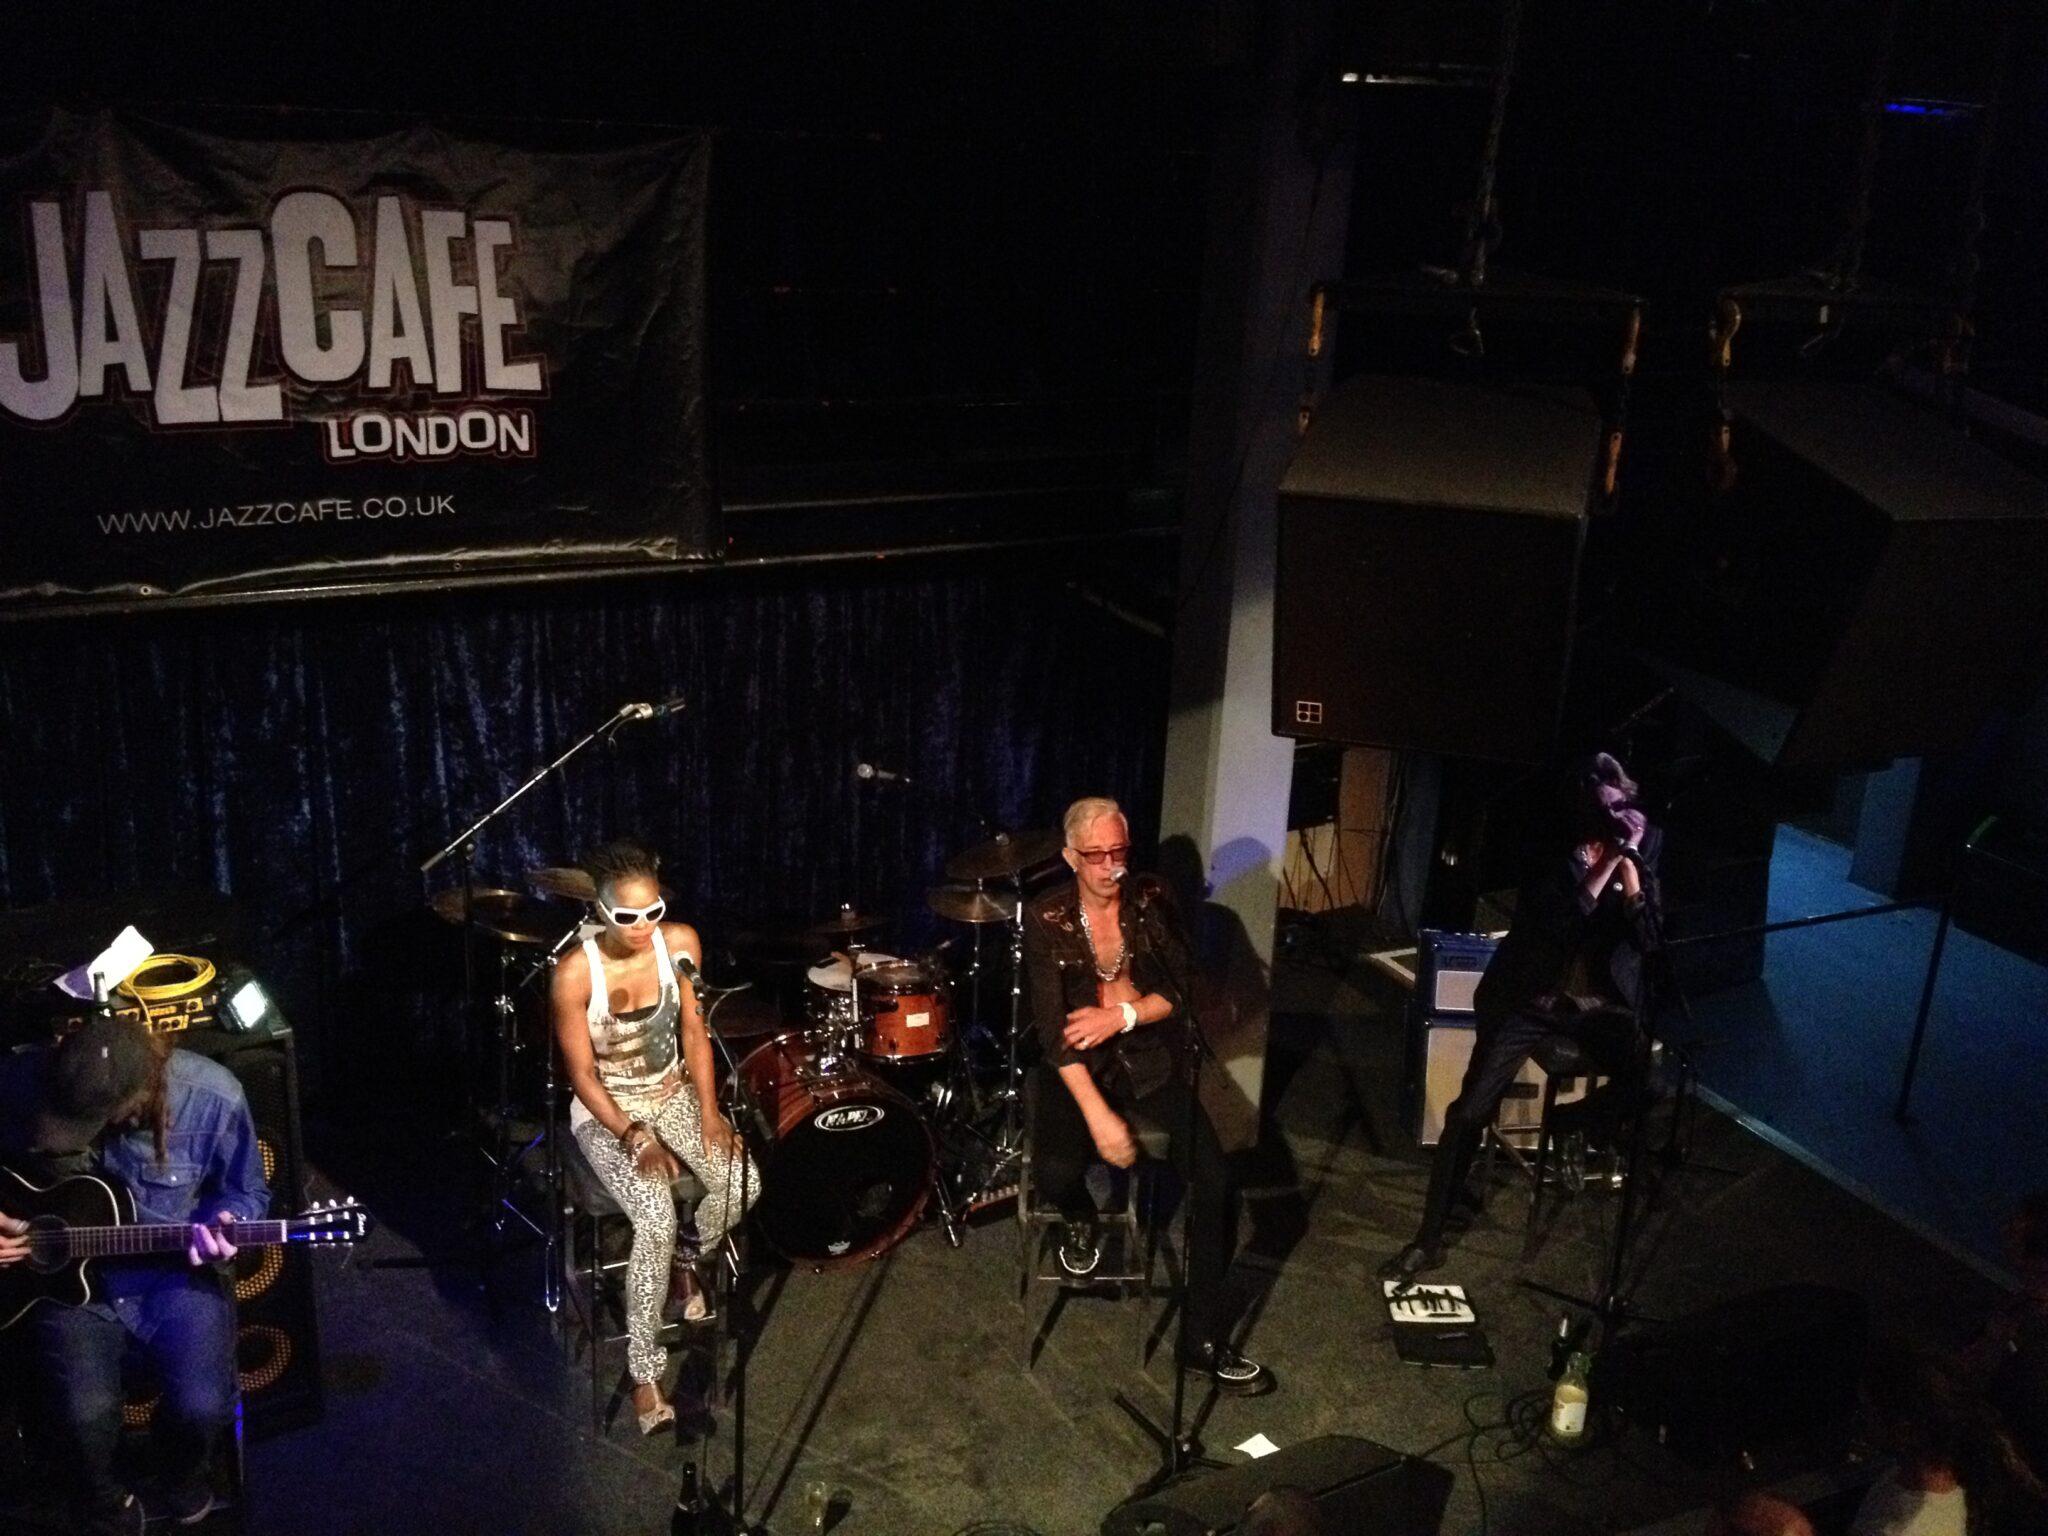 alabama 3 at the Jazz Cafe Camden